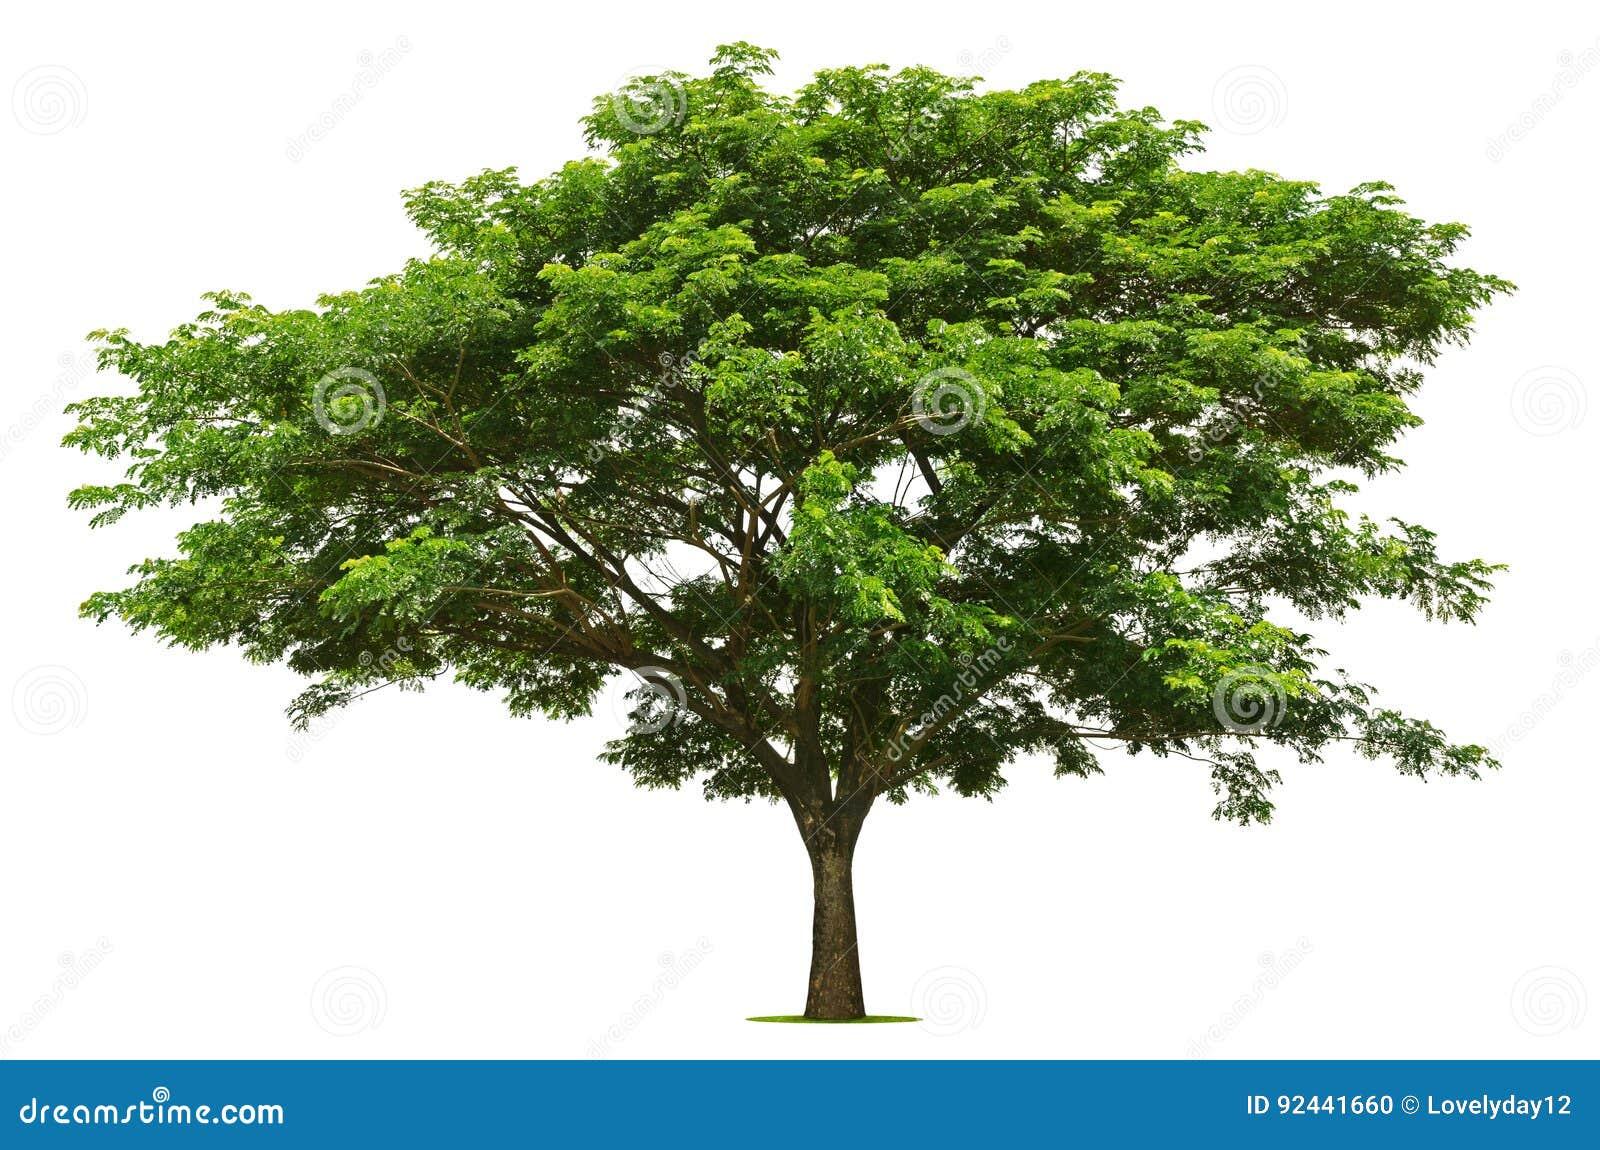 Der große grüne Baum ist auf dem Weiß hell